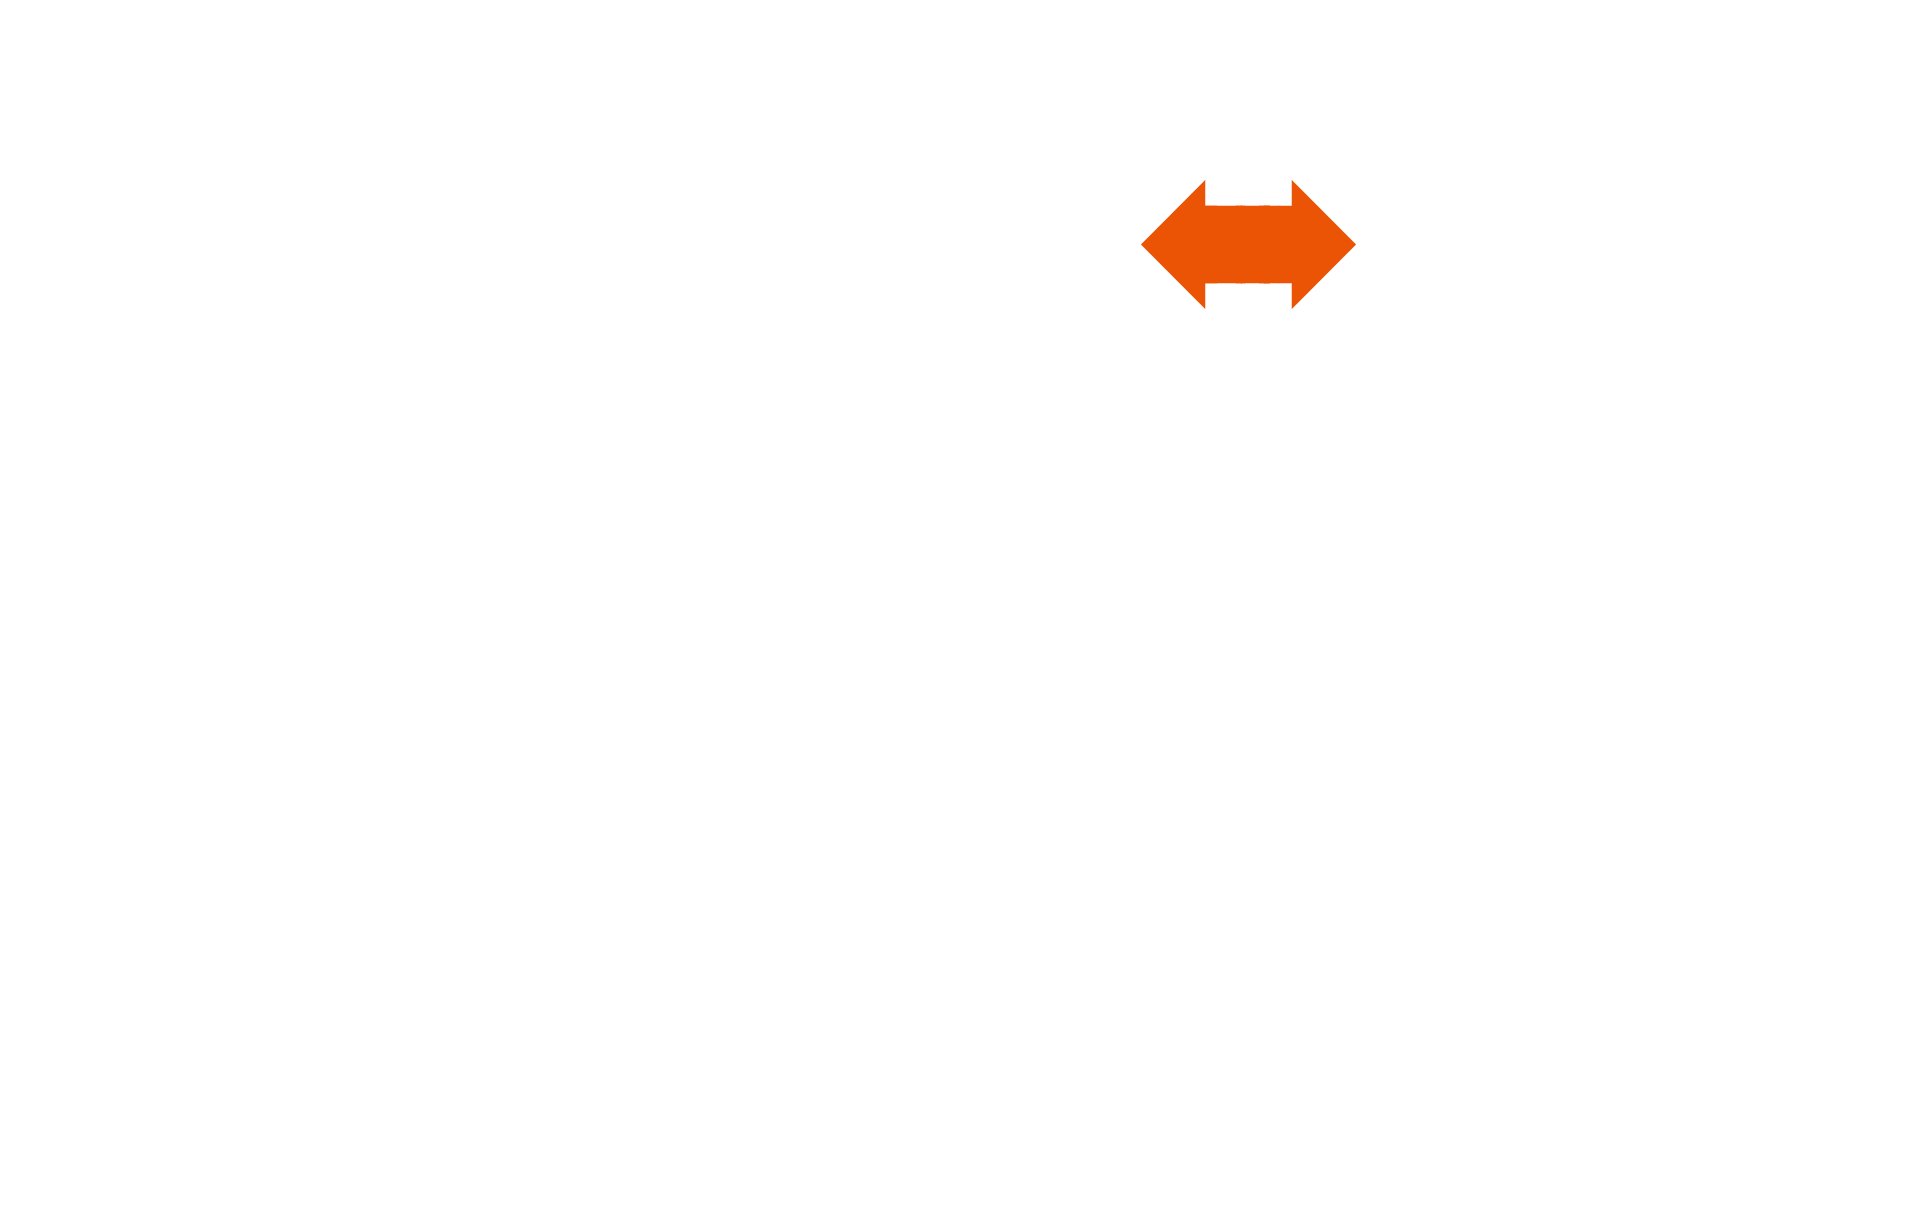 制作携帯カバー在庫管理システム